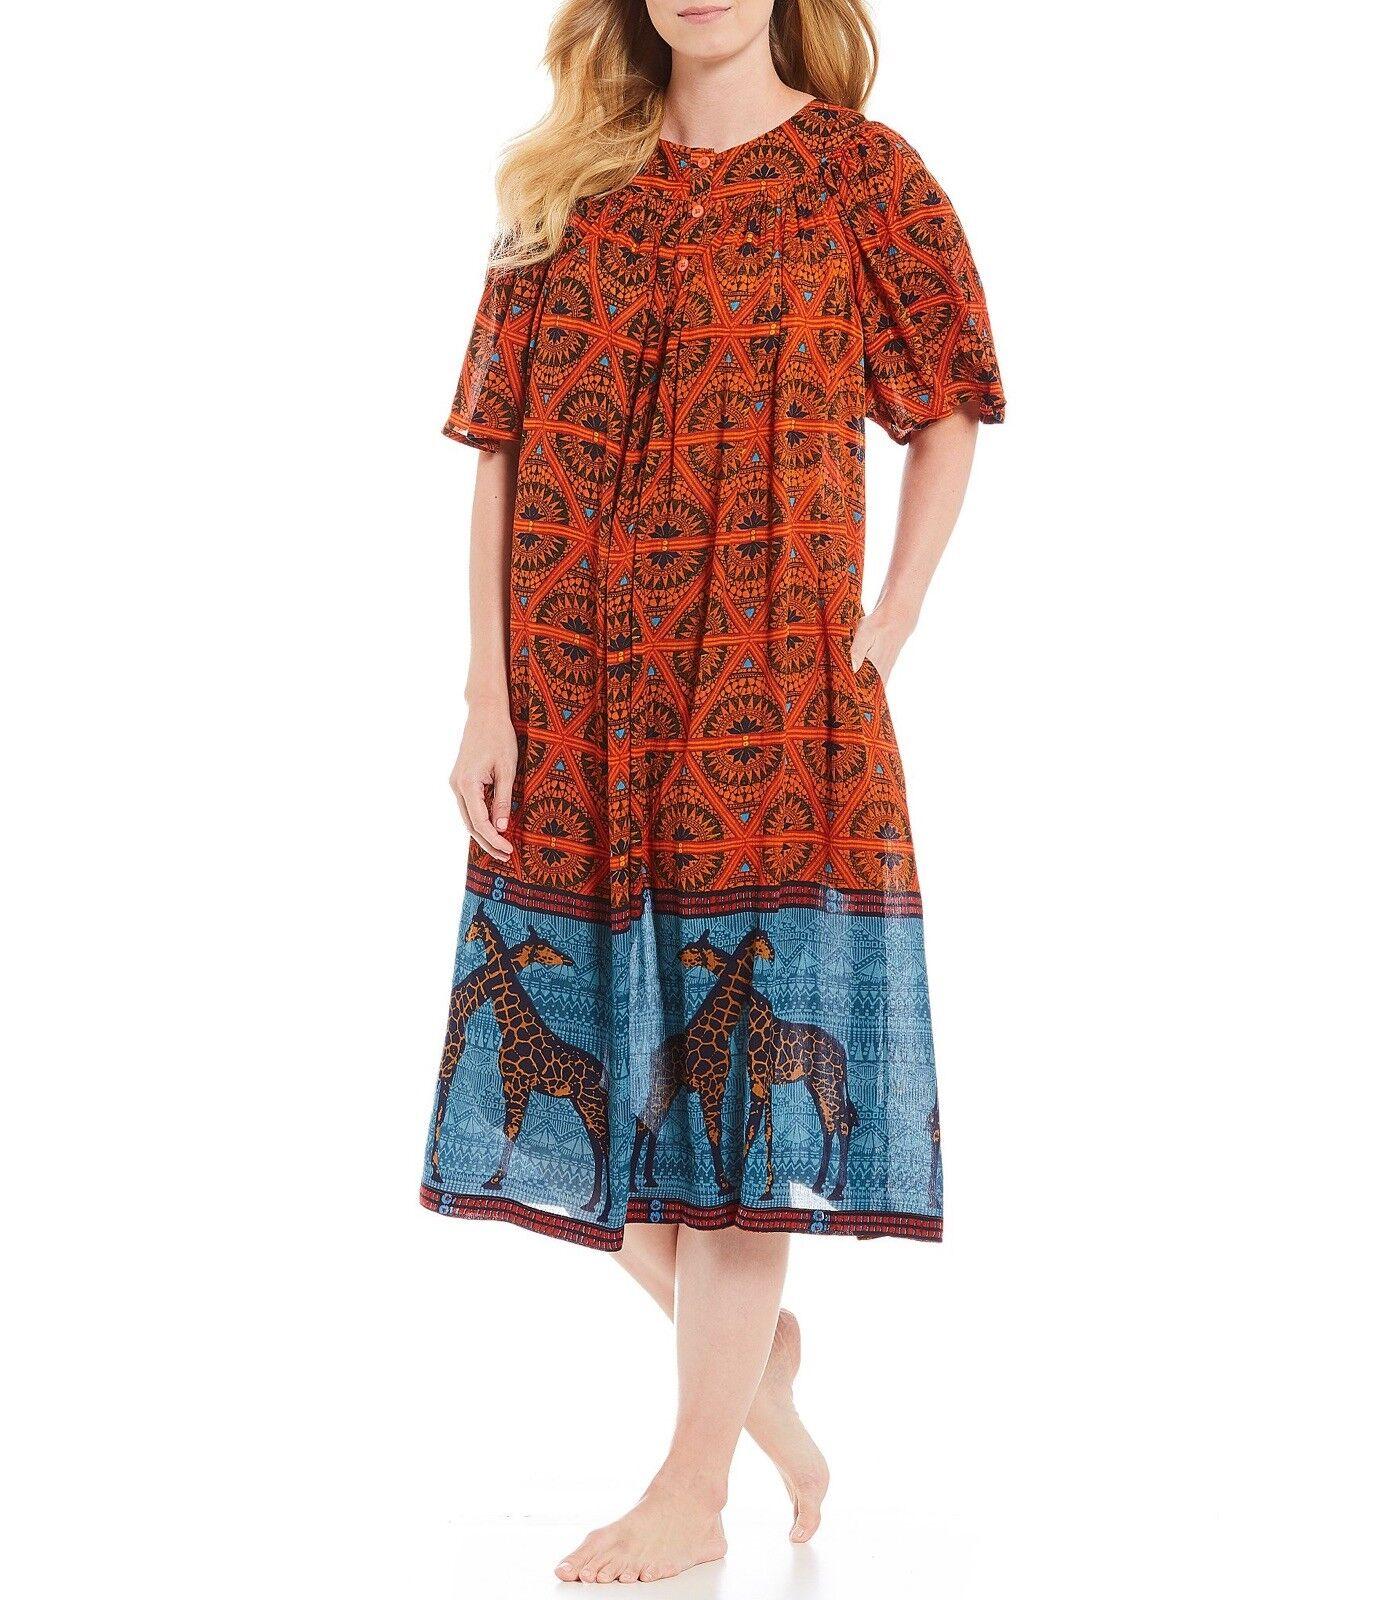 Go Softly Animal Print Crinkled Patio Dress Muu Muu Small S